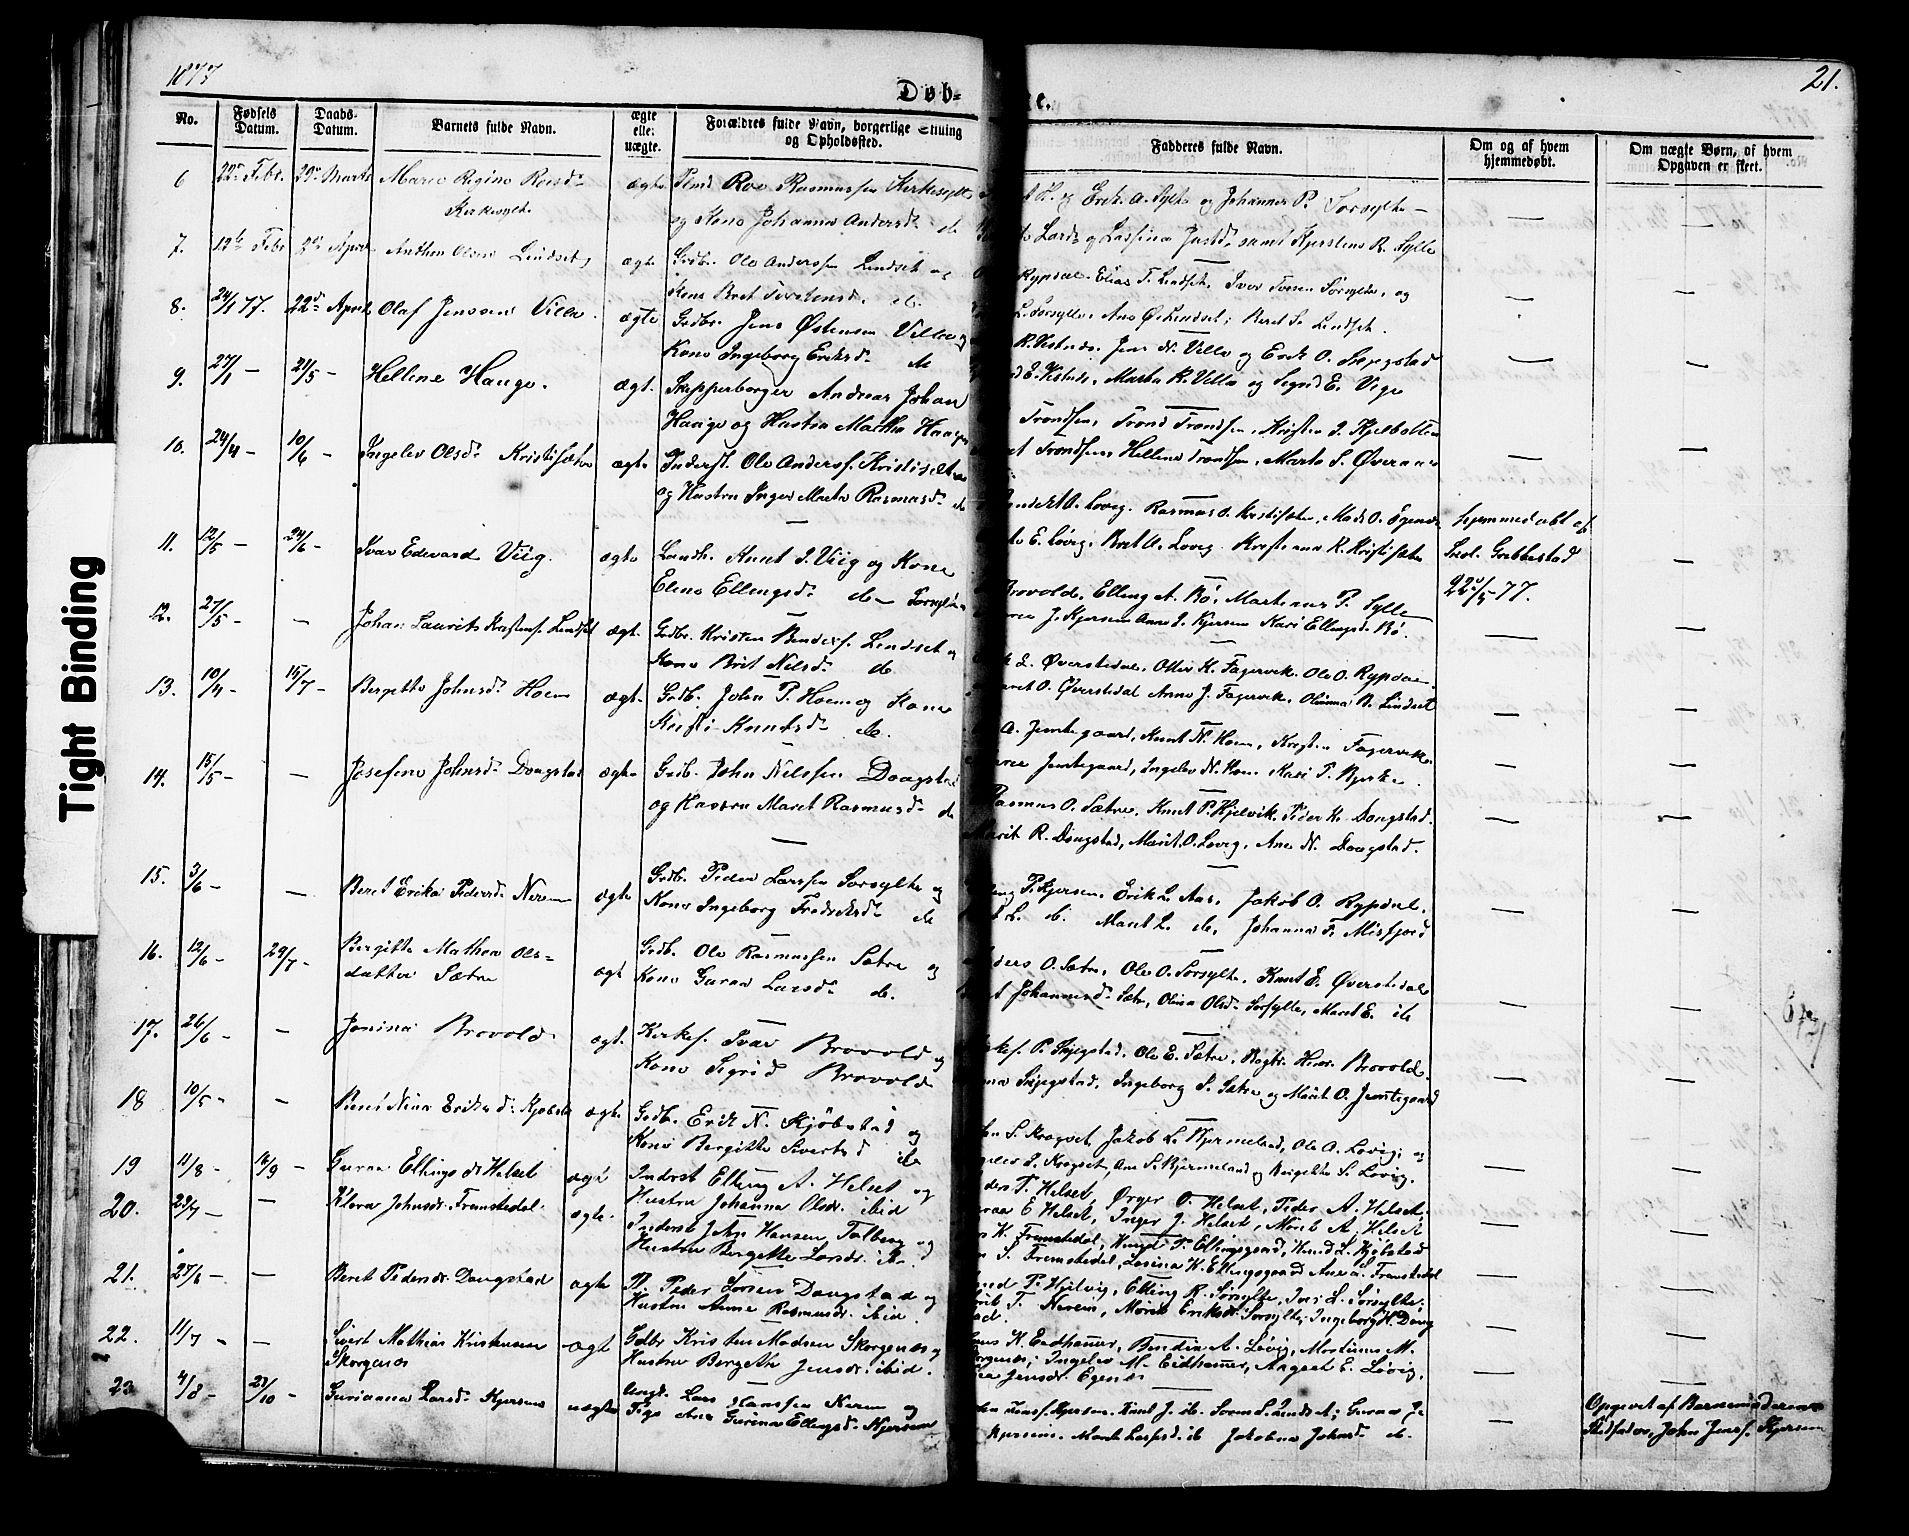 SAT, Ministerialprotokoller, klokkerbøker og fødselsregistre - Møre og Romsdal, 541/L0547: Klokkerbok nr. 541C02, 1867-1921, s. 21